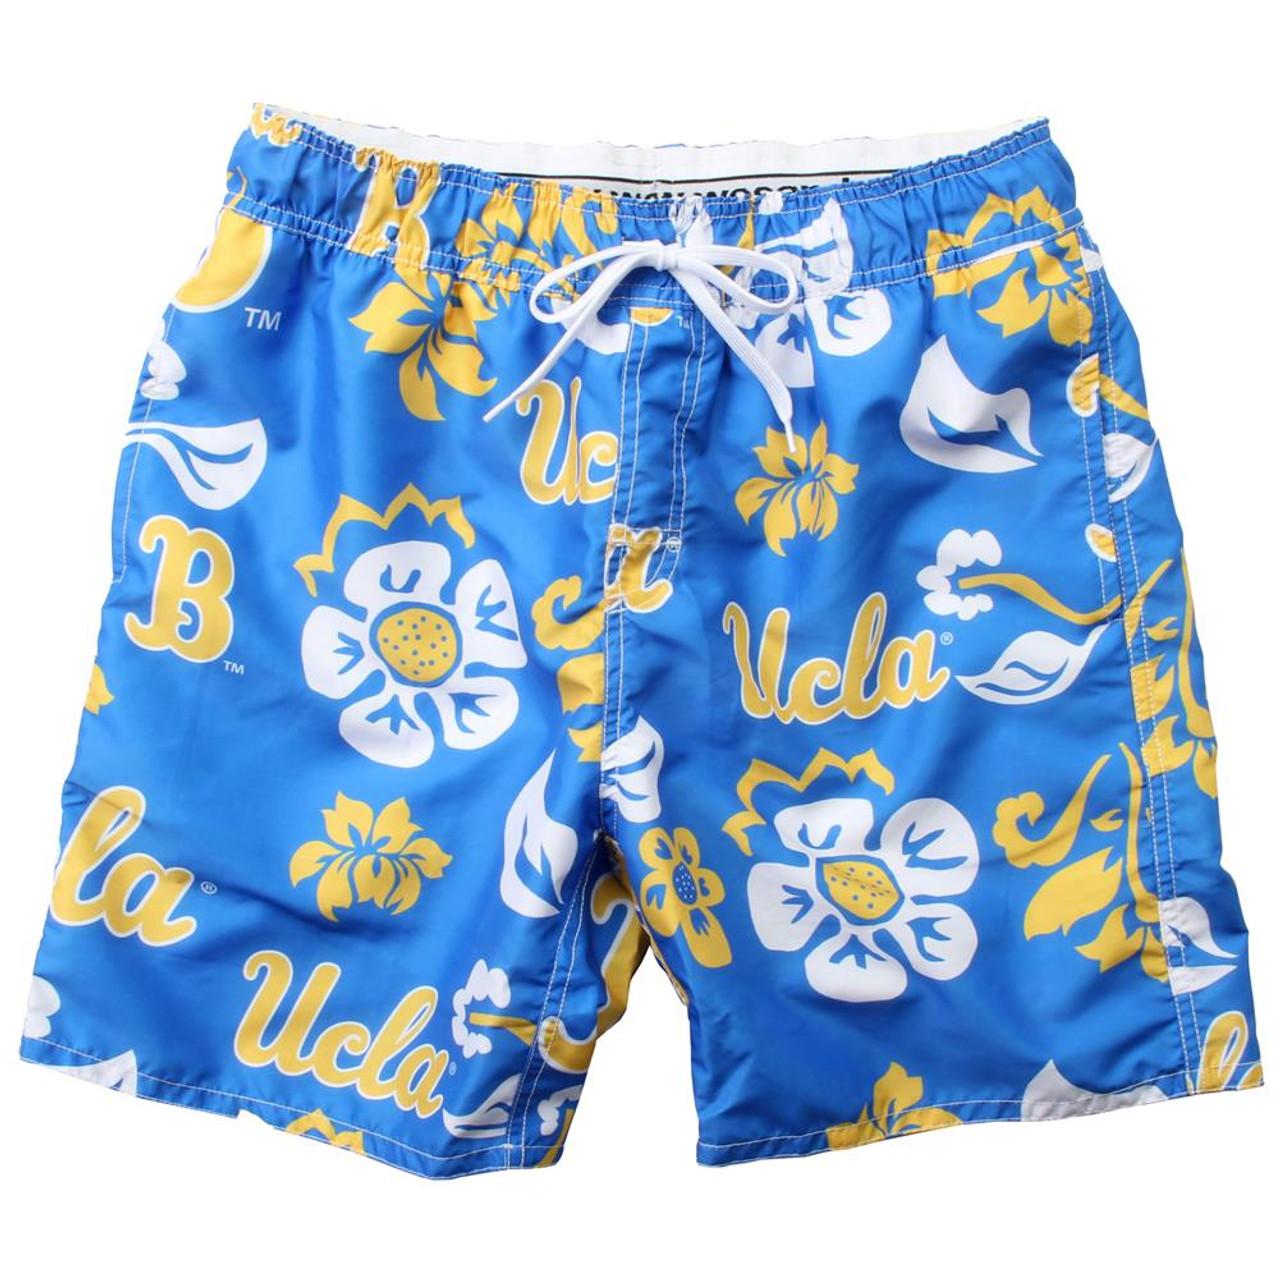 Men's UCLA Bruins Swim Trunks Floral Swim Shorts